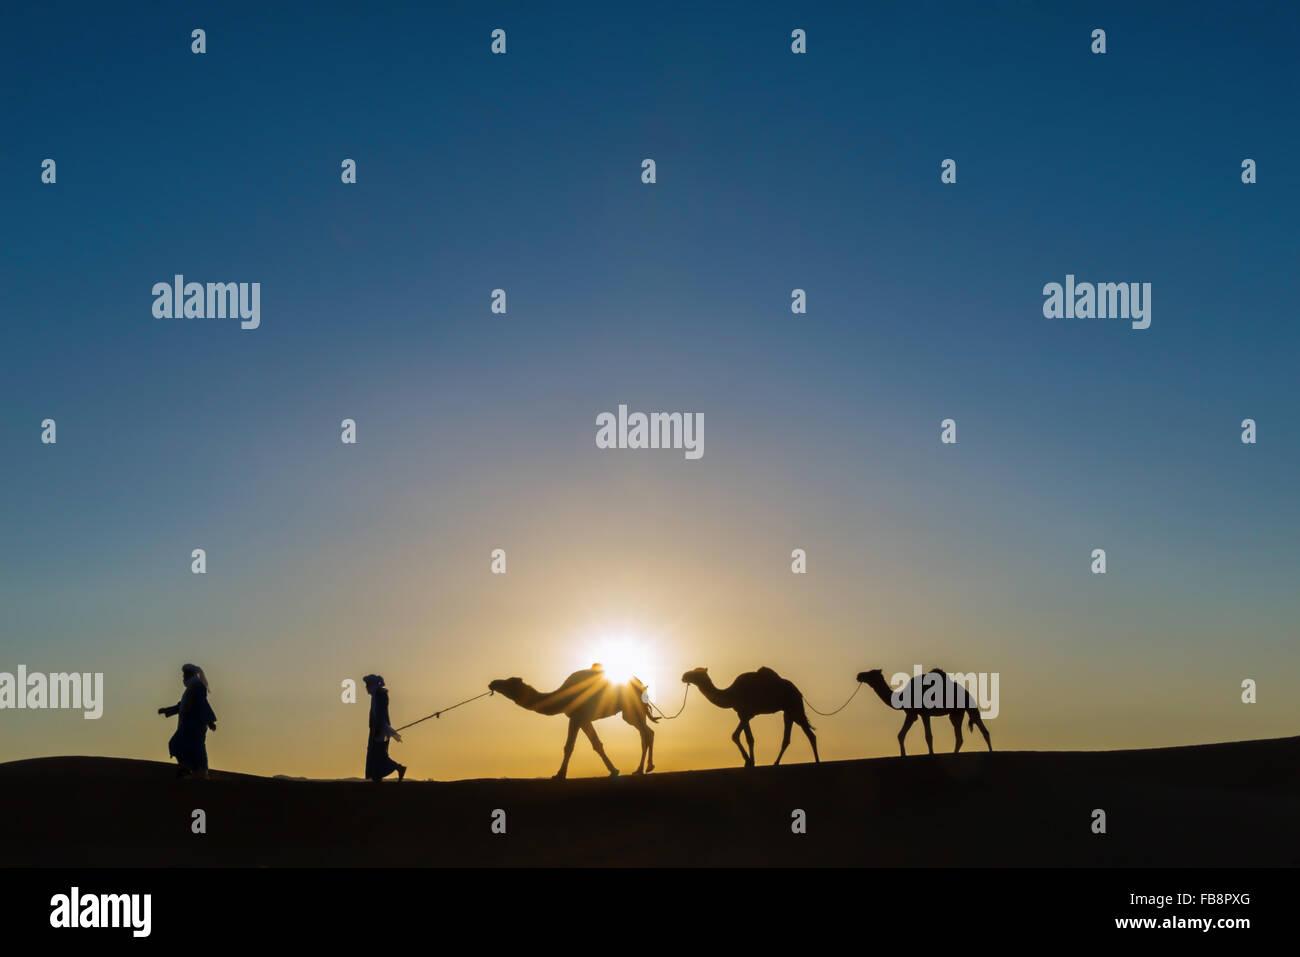 Nomads con dromedari (cammelli) all'alba nel deserto del Sahara in Marocco. Immagini Stock